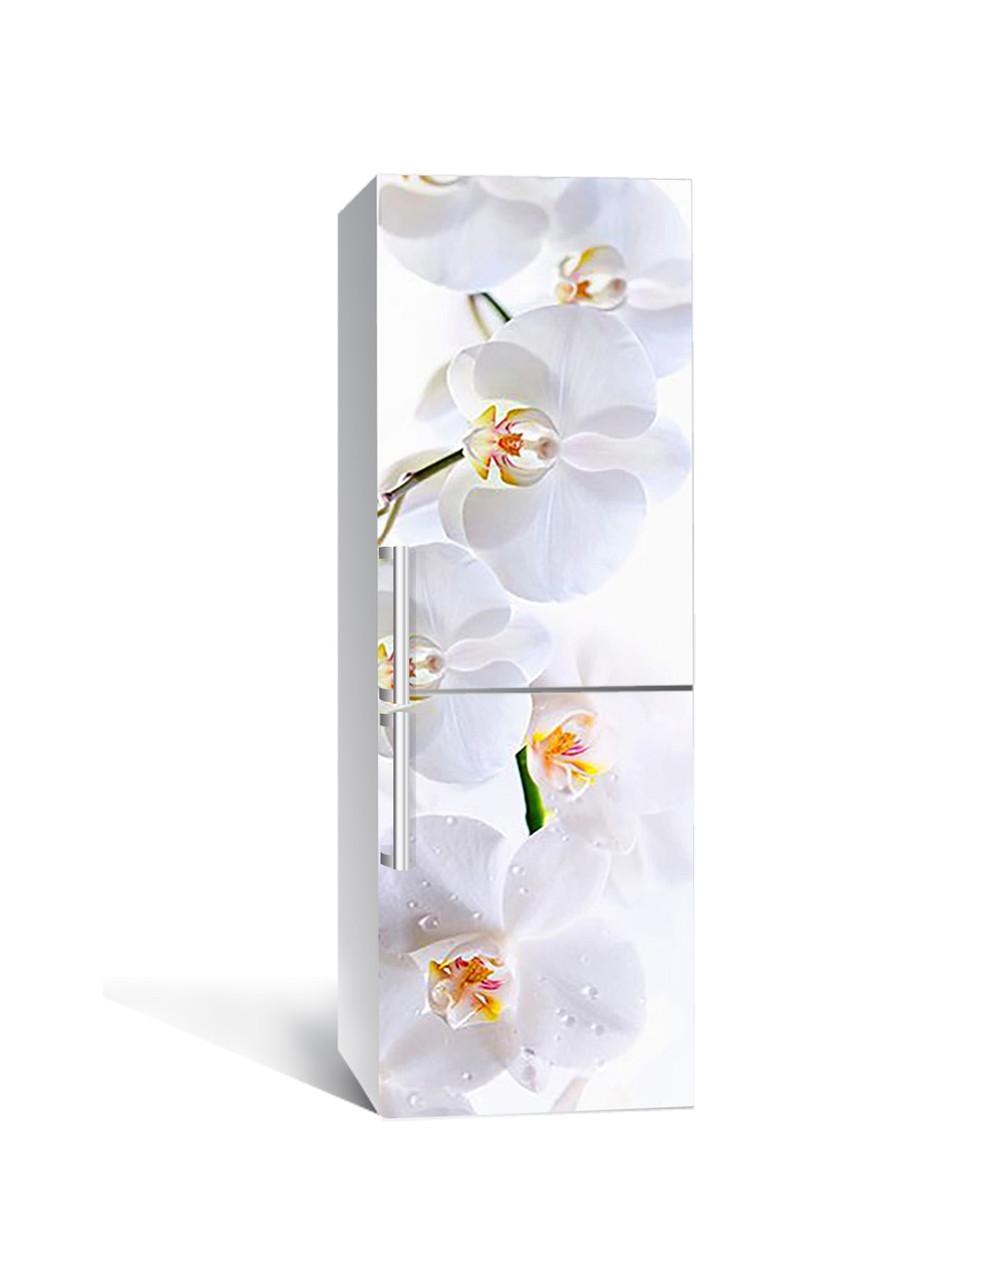 Вінілова наклейка на холодильник Ніжні білі Орхідеї самоклеюча ламінована плівка ПВХ квіти на білому